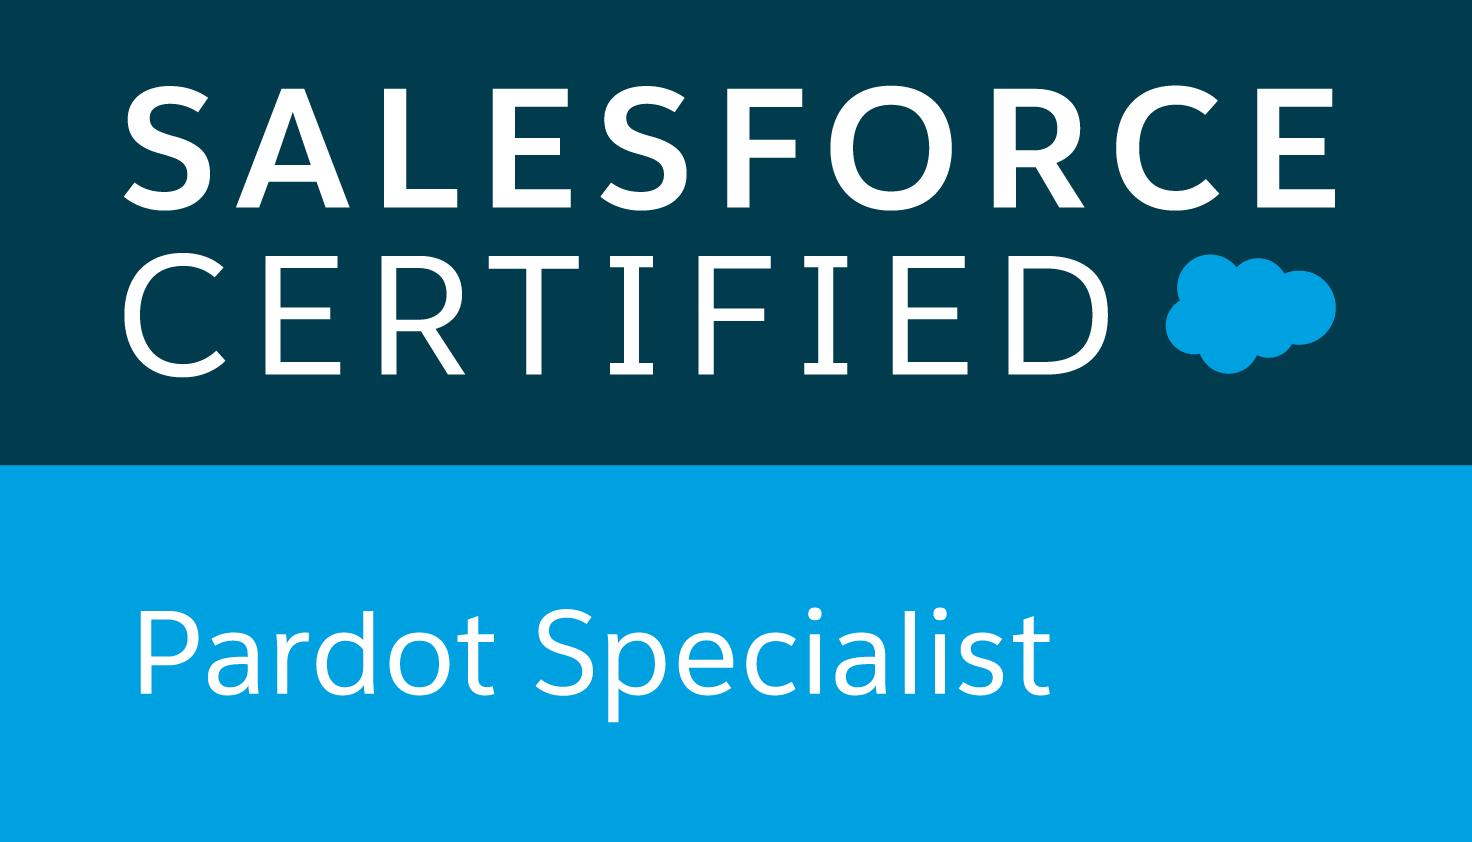 Pardot Specialist